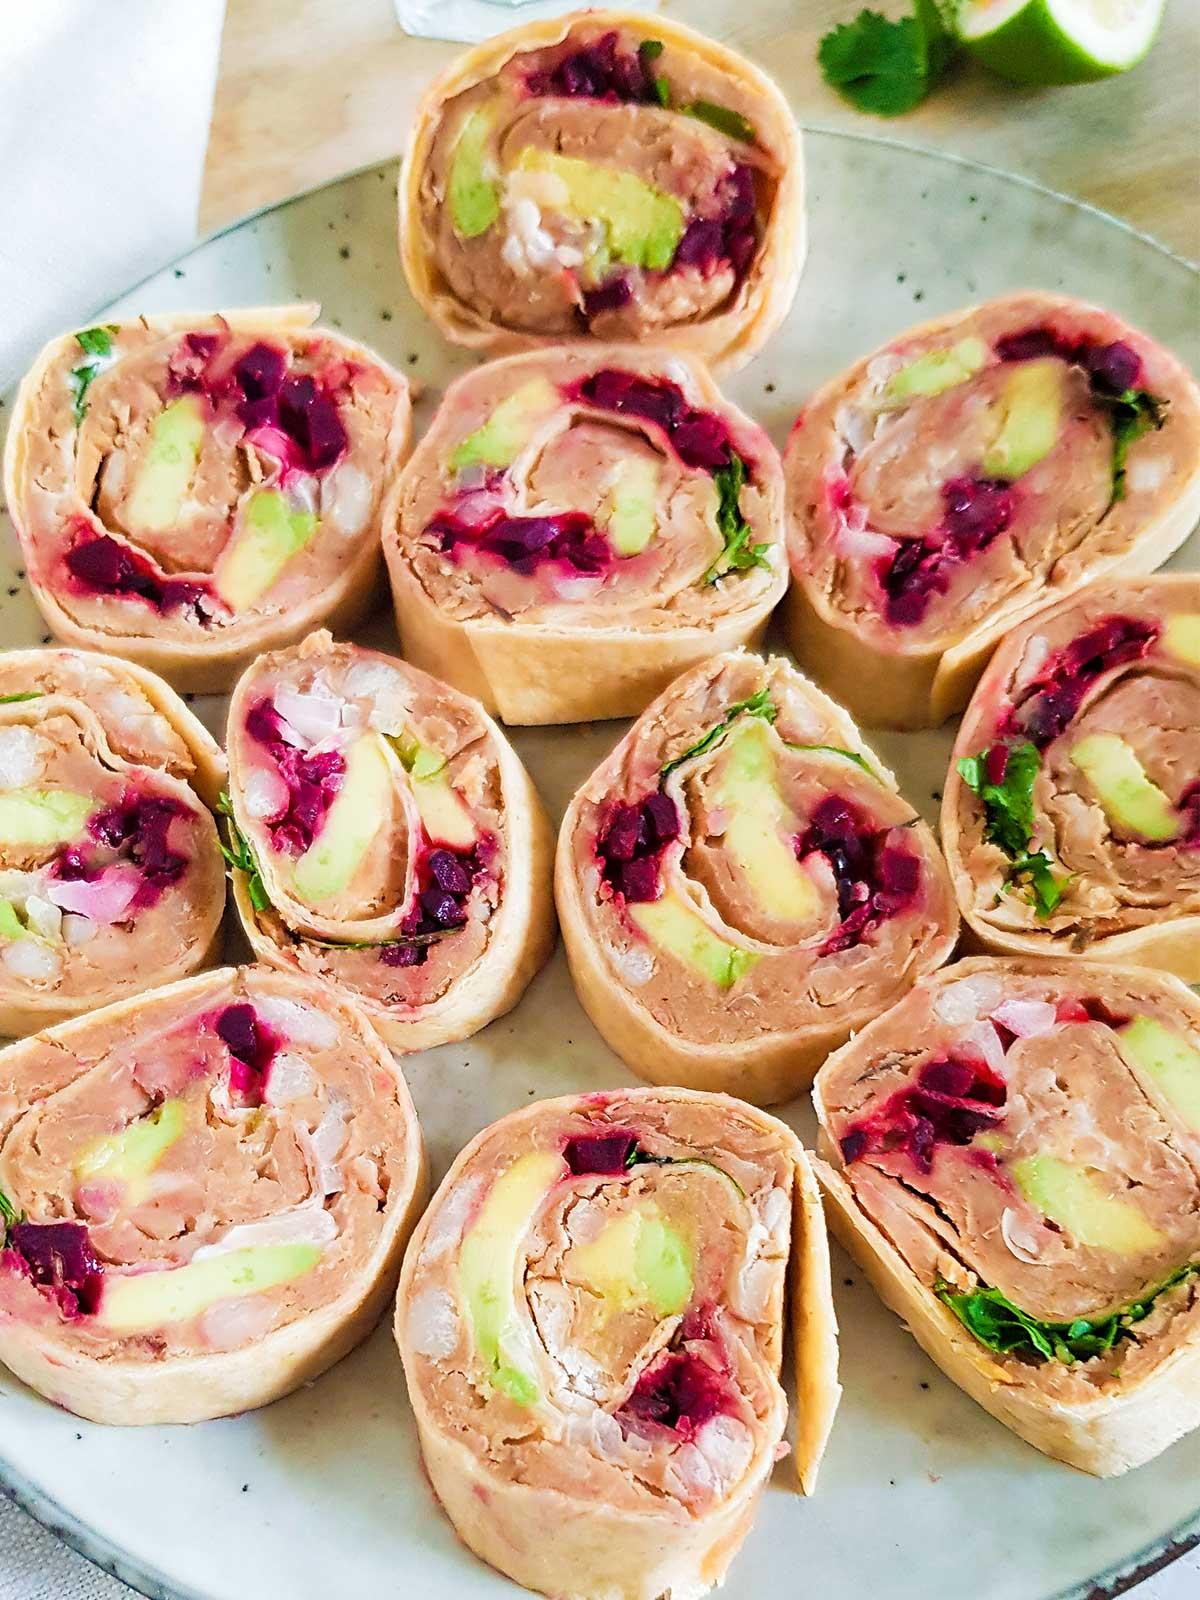 vegan pinwheels in a plate